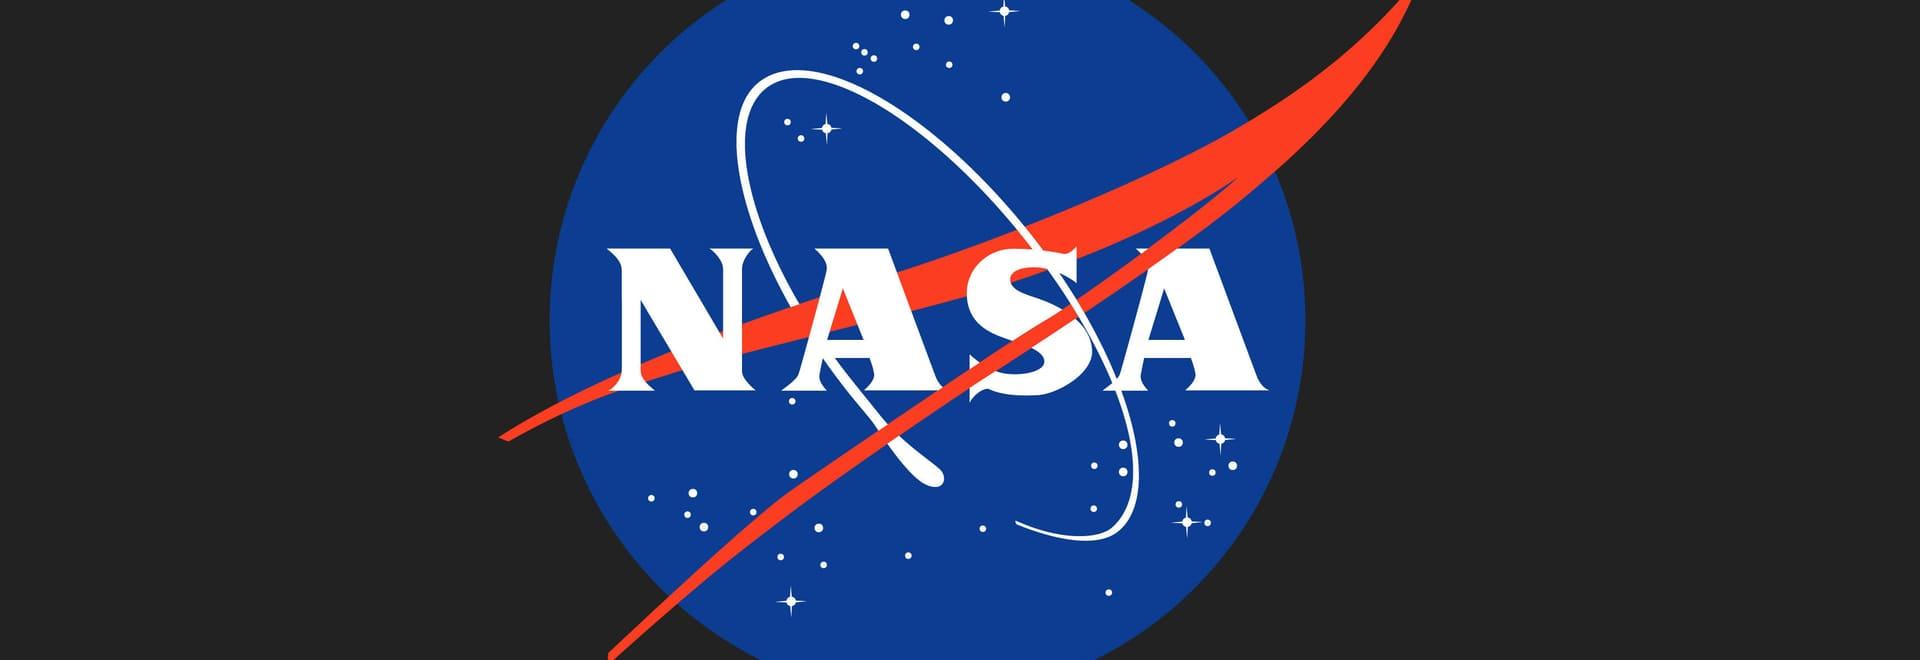 Des scientifiques et des ingénieurs de la NASA reçoivent une bourse présidentielle de début de carrière